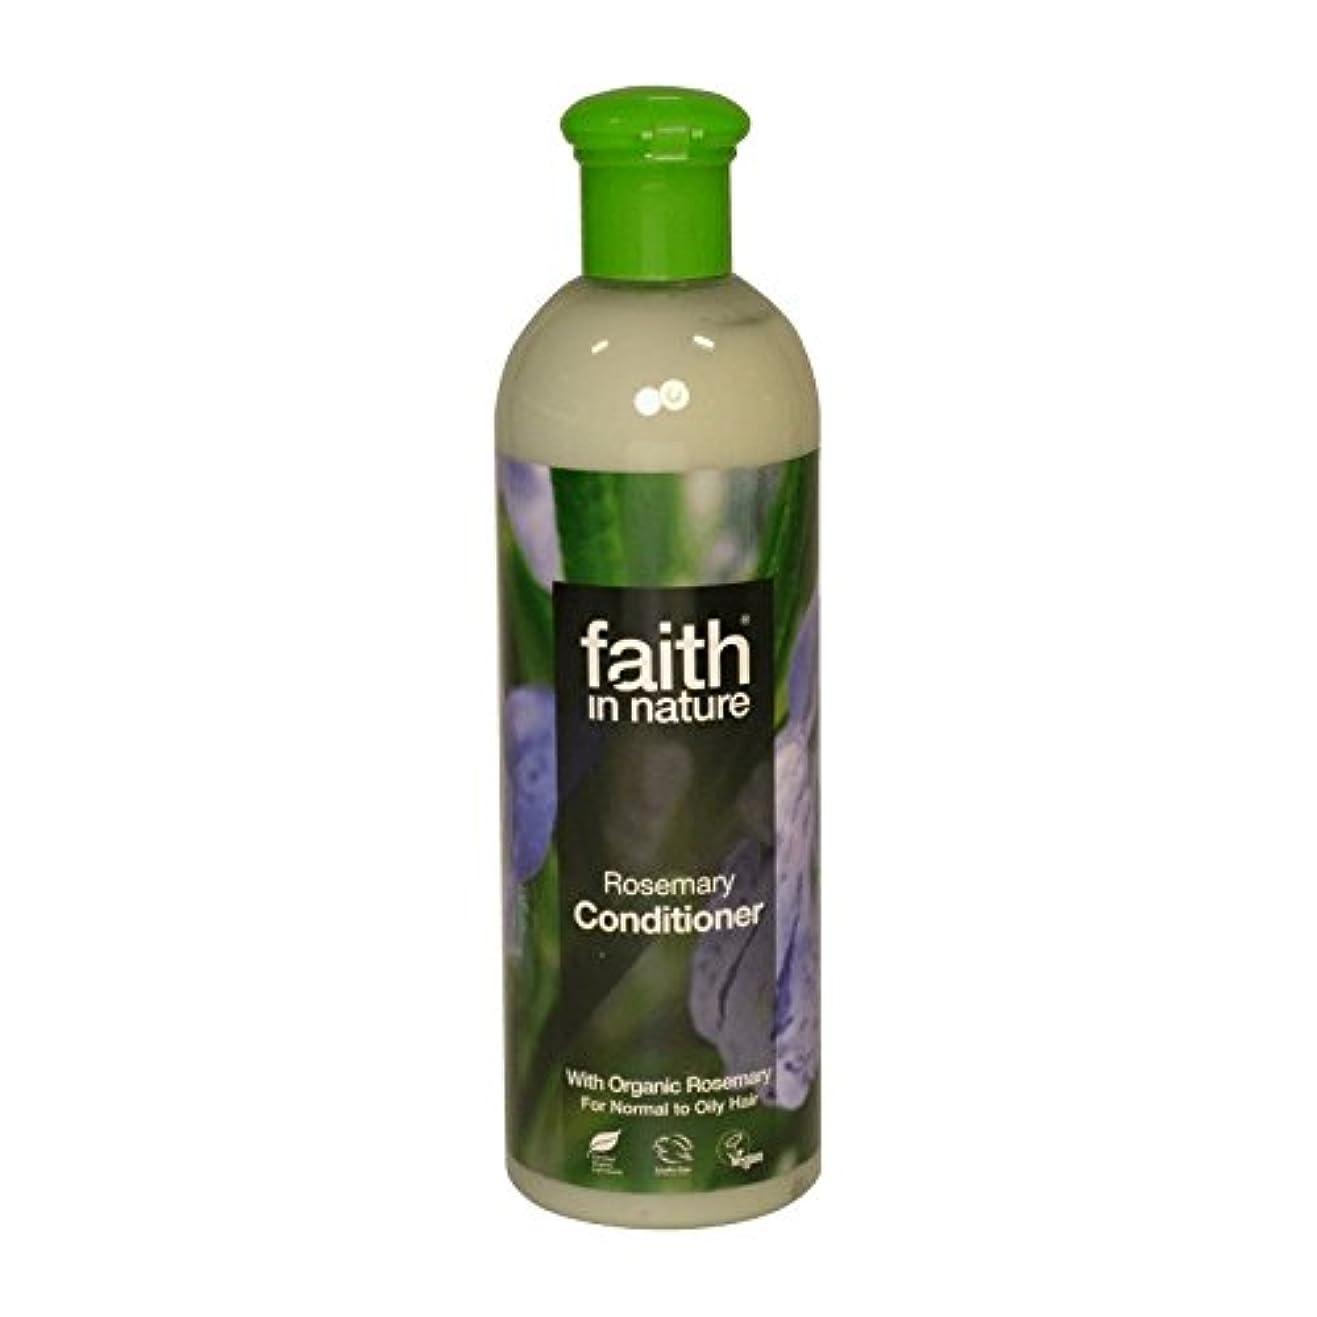 今仕方イチゴ自然ローズマリーコンディショナー400ミリリットルの信仰 - Faith in Nature Rosemary Conditioner 400ml (Faith in Nature) [並行輸入品]